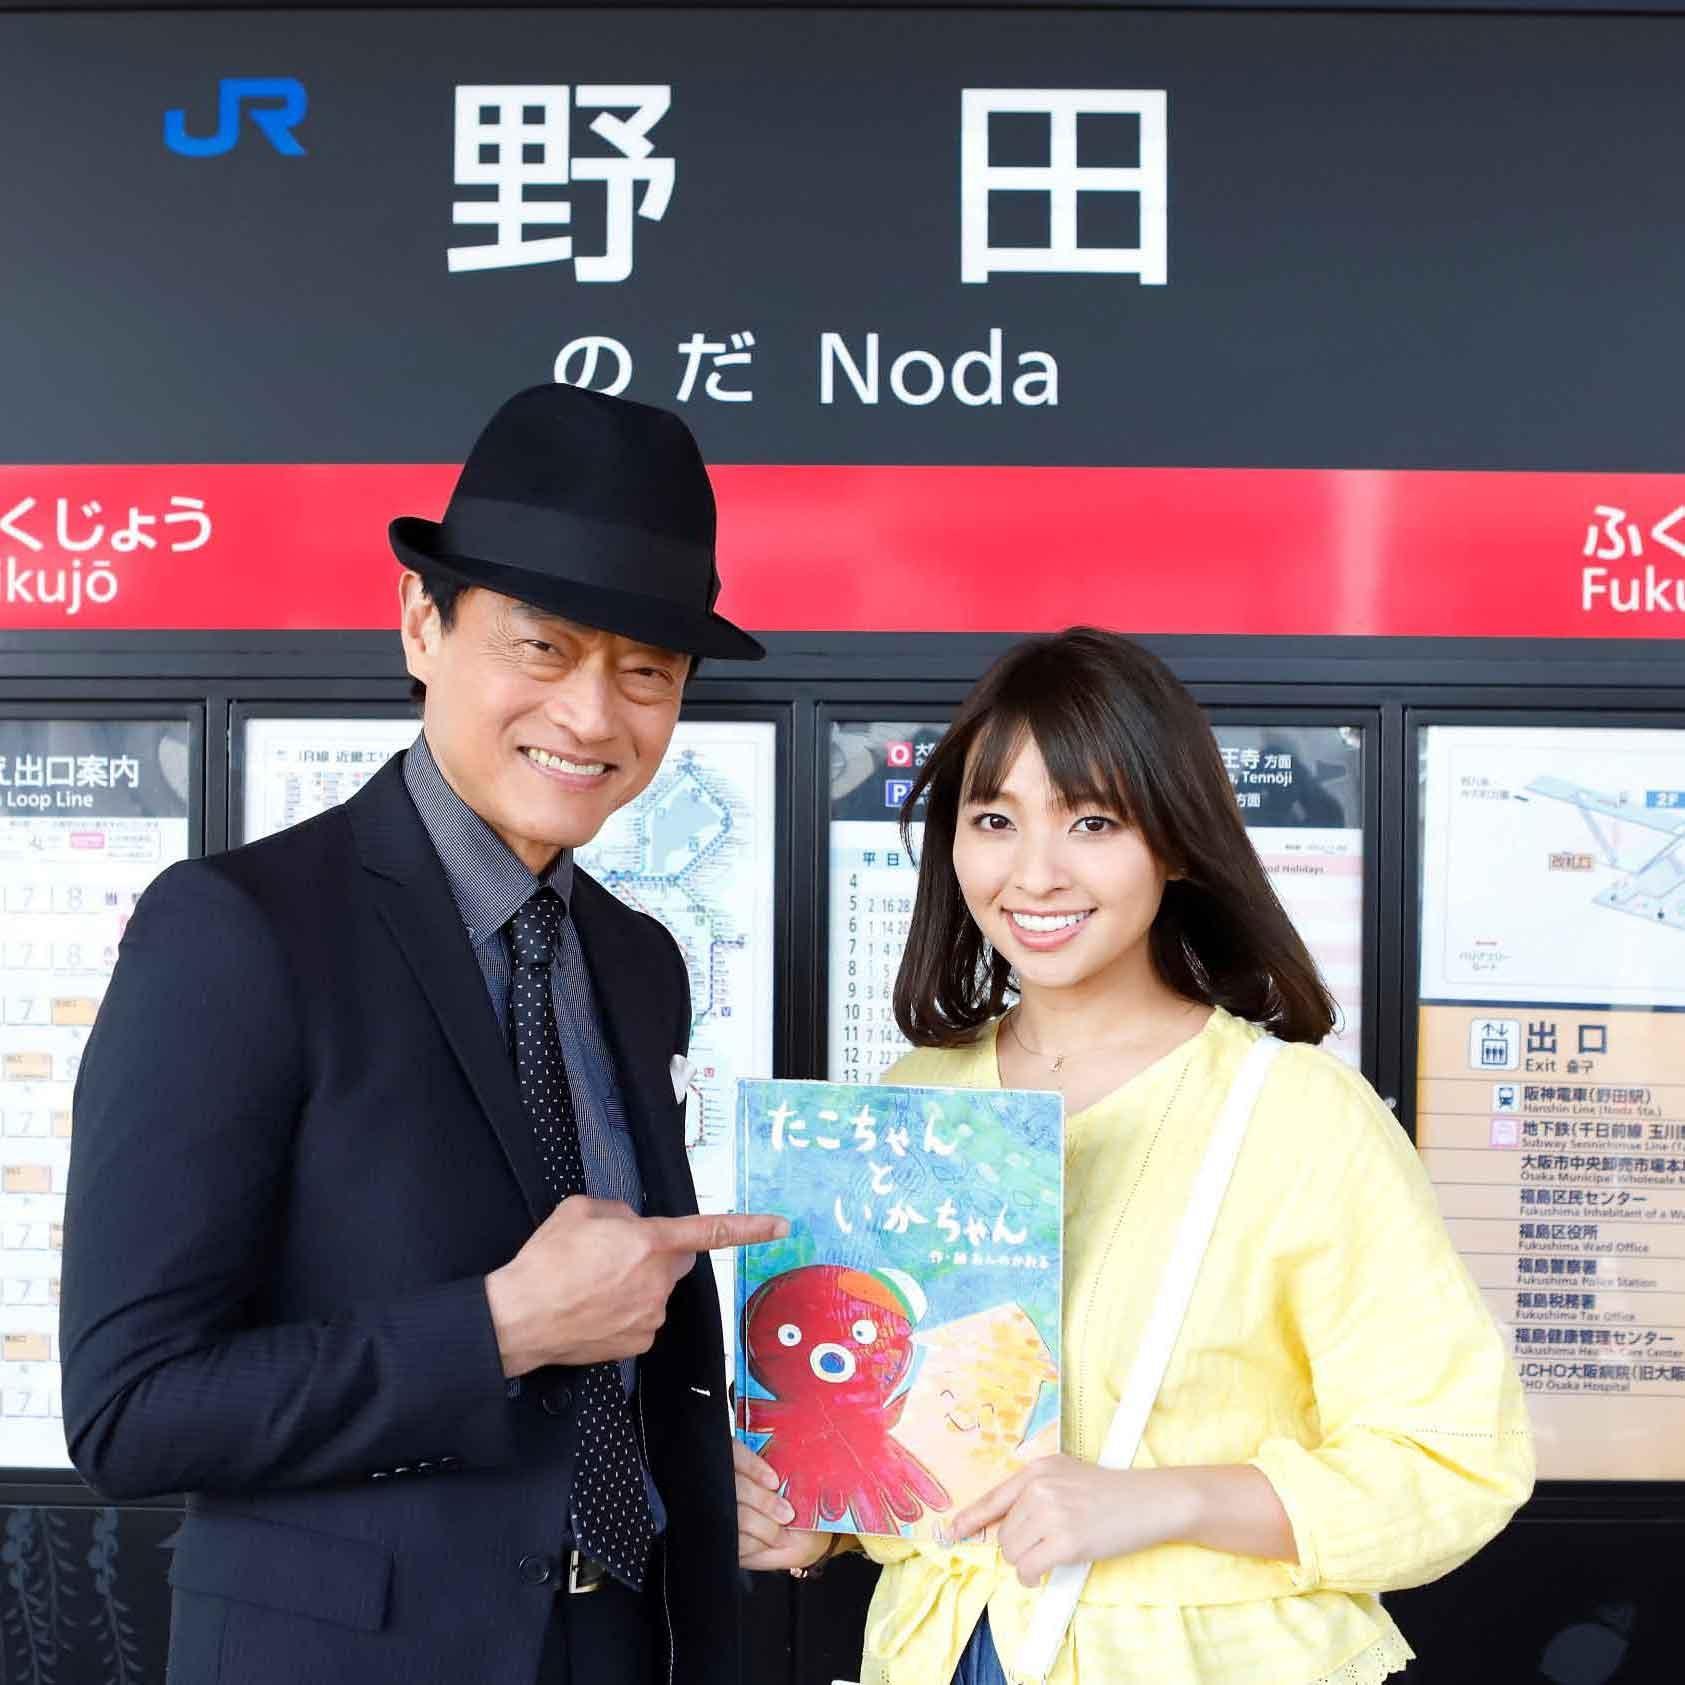 『大阪環状線Part4 ひと駅ごとのスマイル』